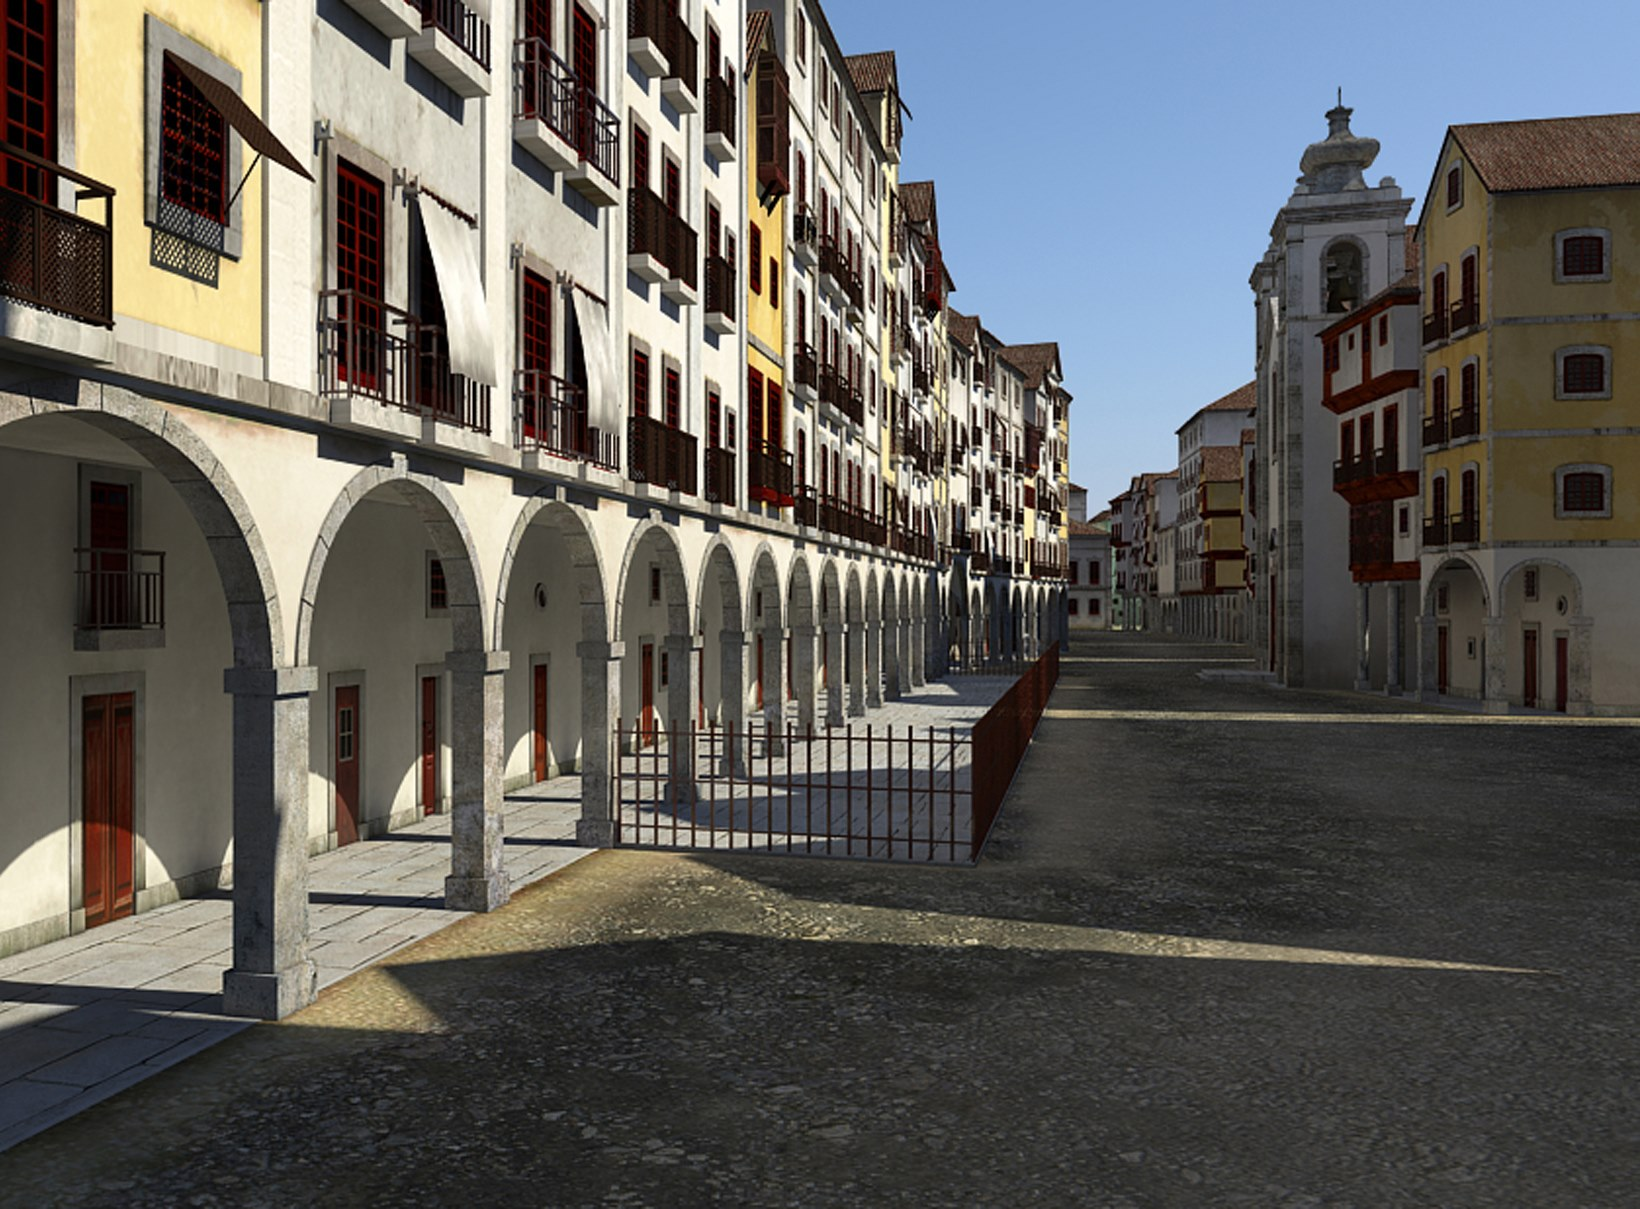 Viagem ao interior da cidade | Nova exposição de longa duração do Museu de Lisboa - Palácio Pimenta